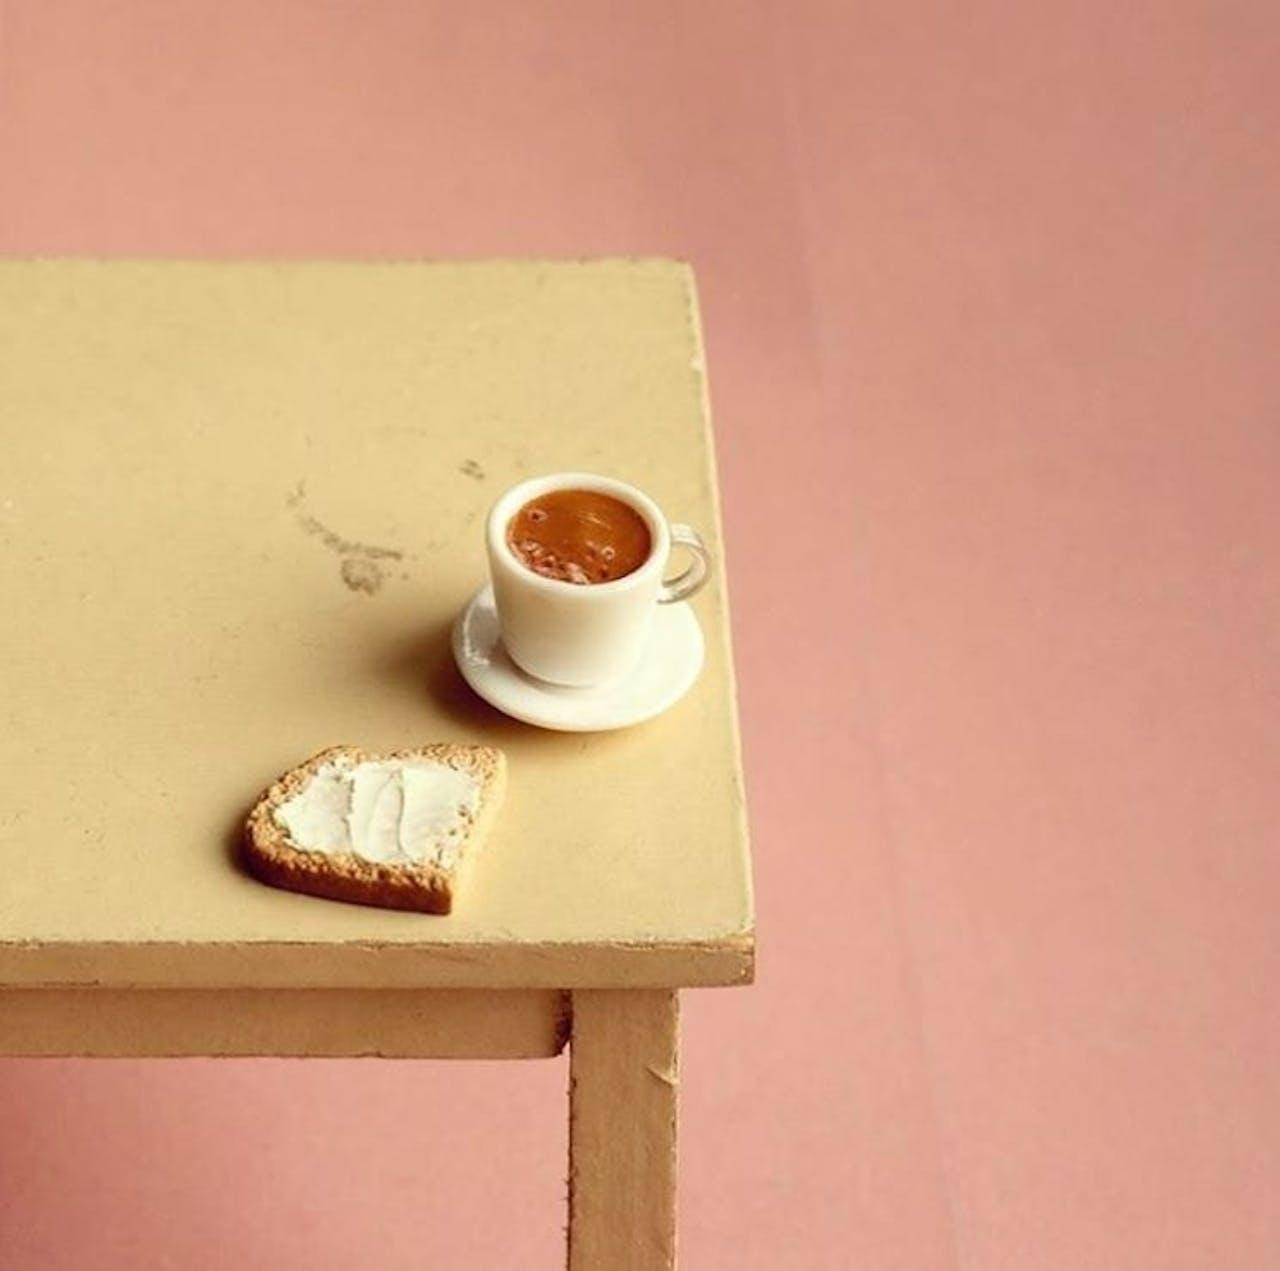 Miniaturen von Kamilla Kleinschmidt (Minischmidtblog) - Kaffee und Brot